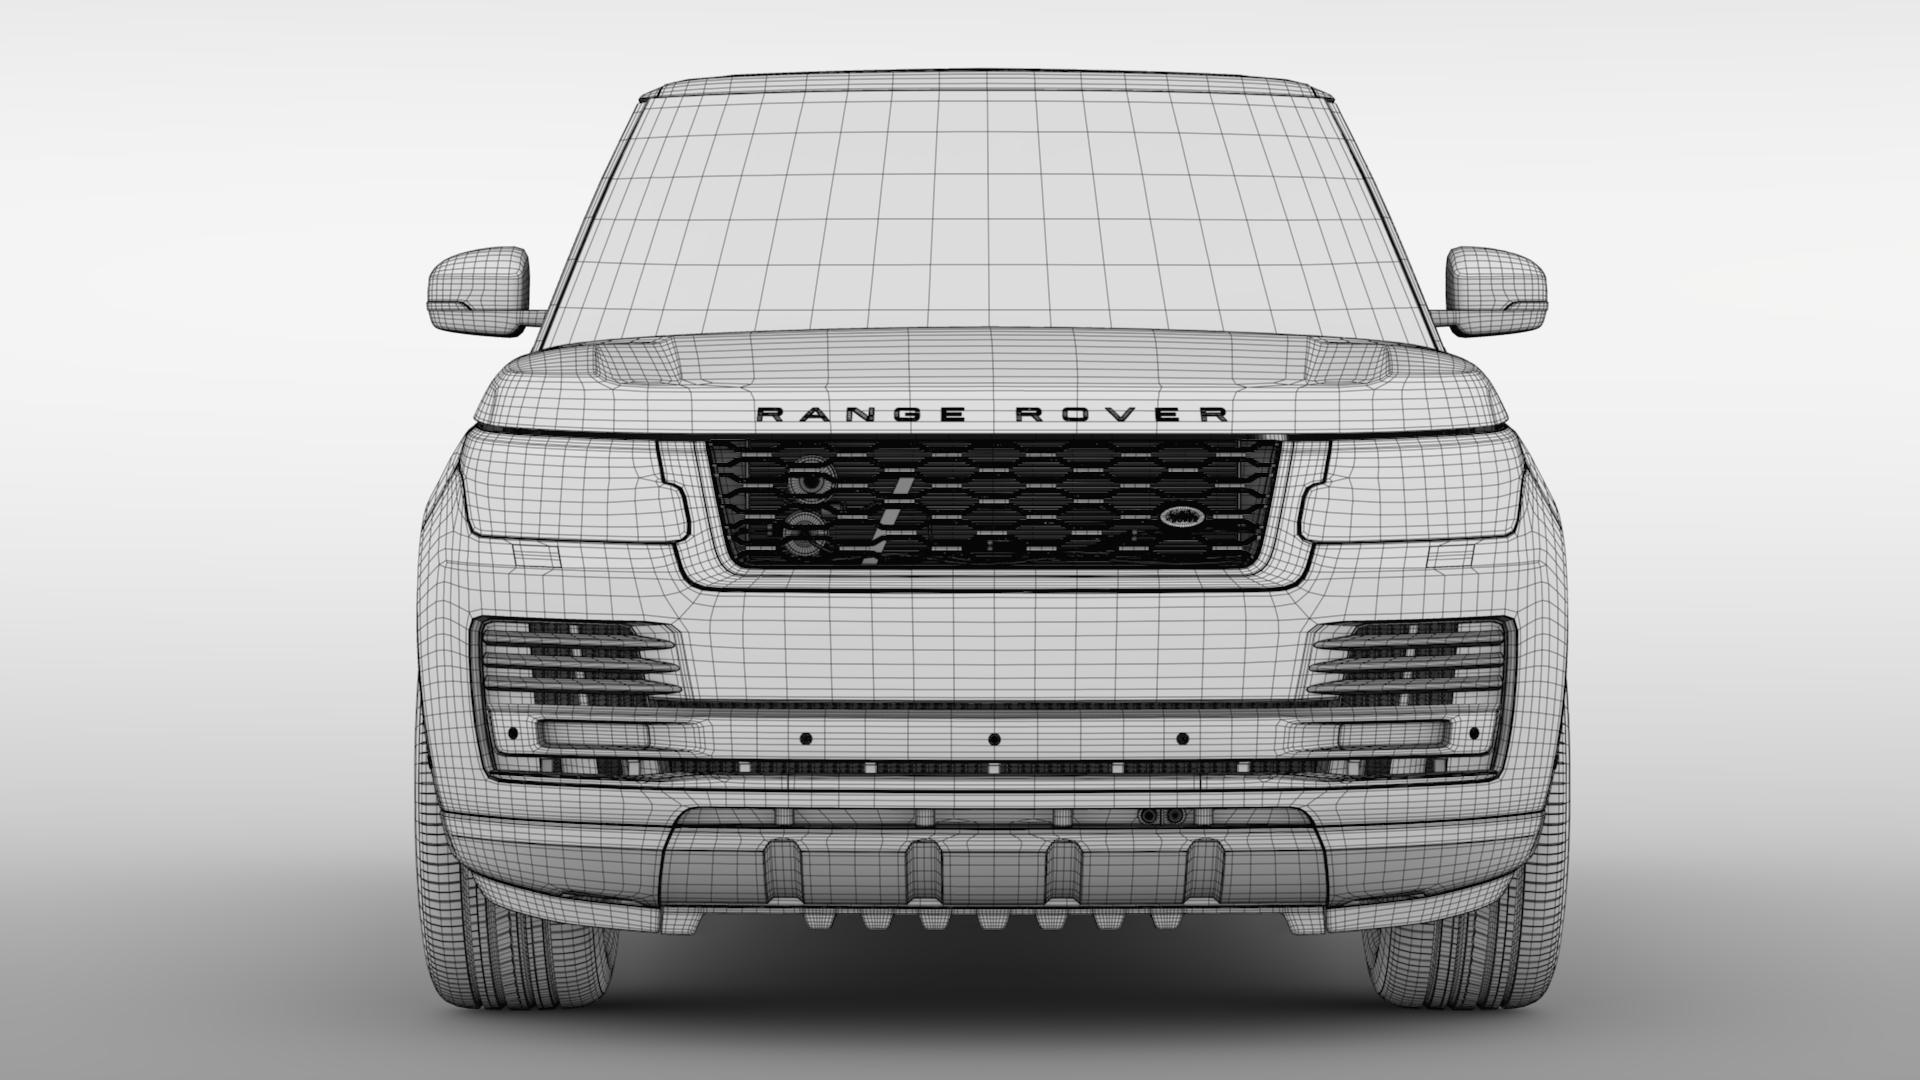 range rover autobiography (l405) 2018 3d model max fbx c4d lwo ma mb hrc xsi obj 278064